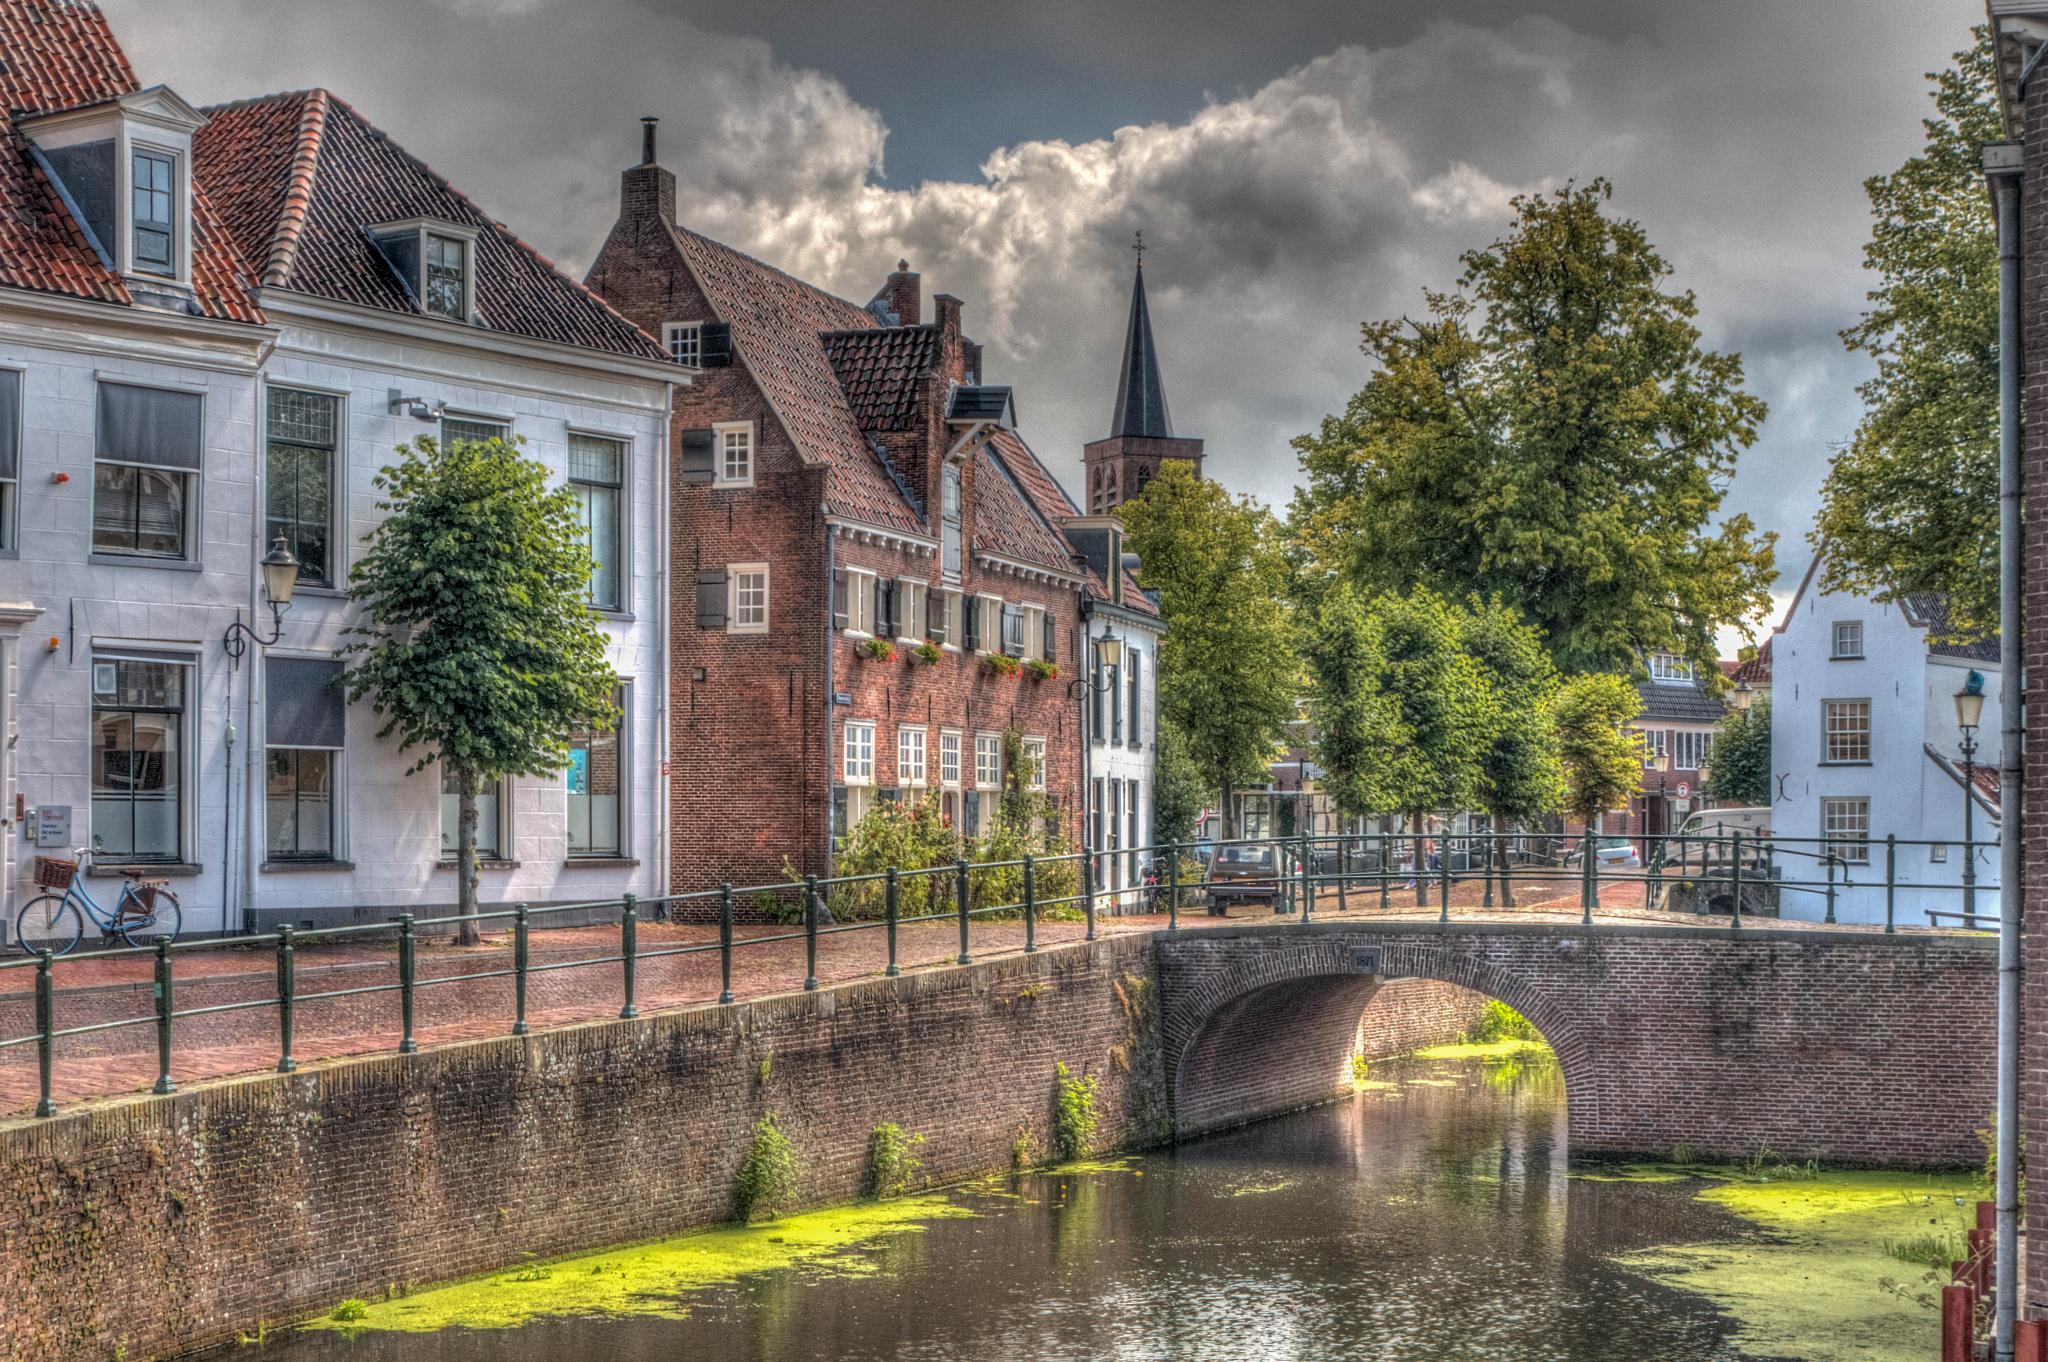 Old Centre of Amersfoort by Herman de Raaf